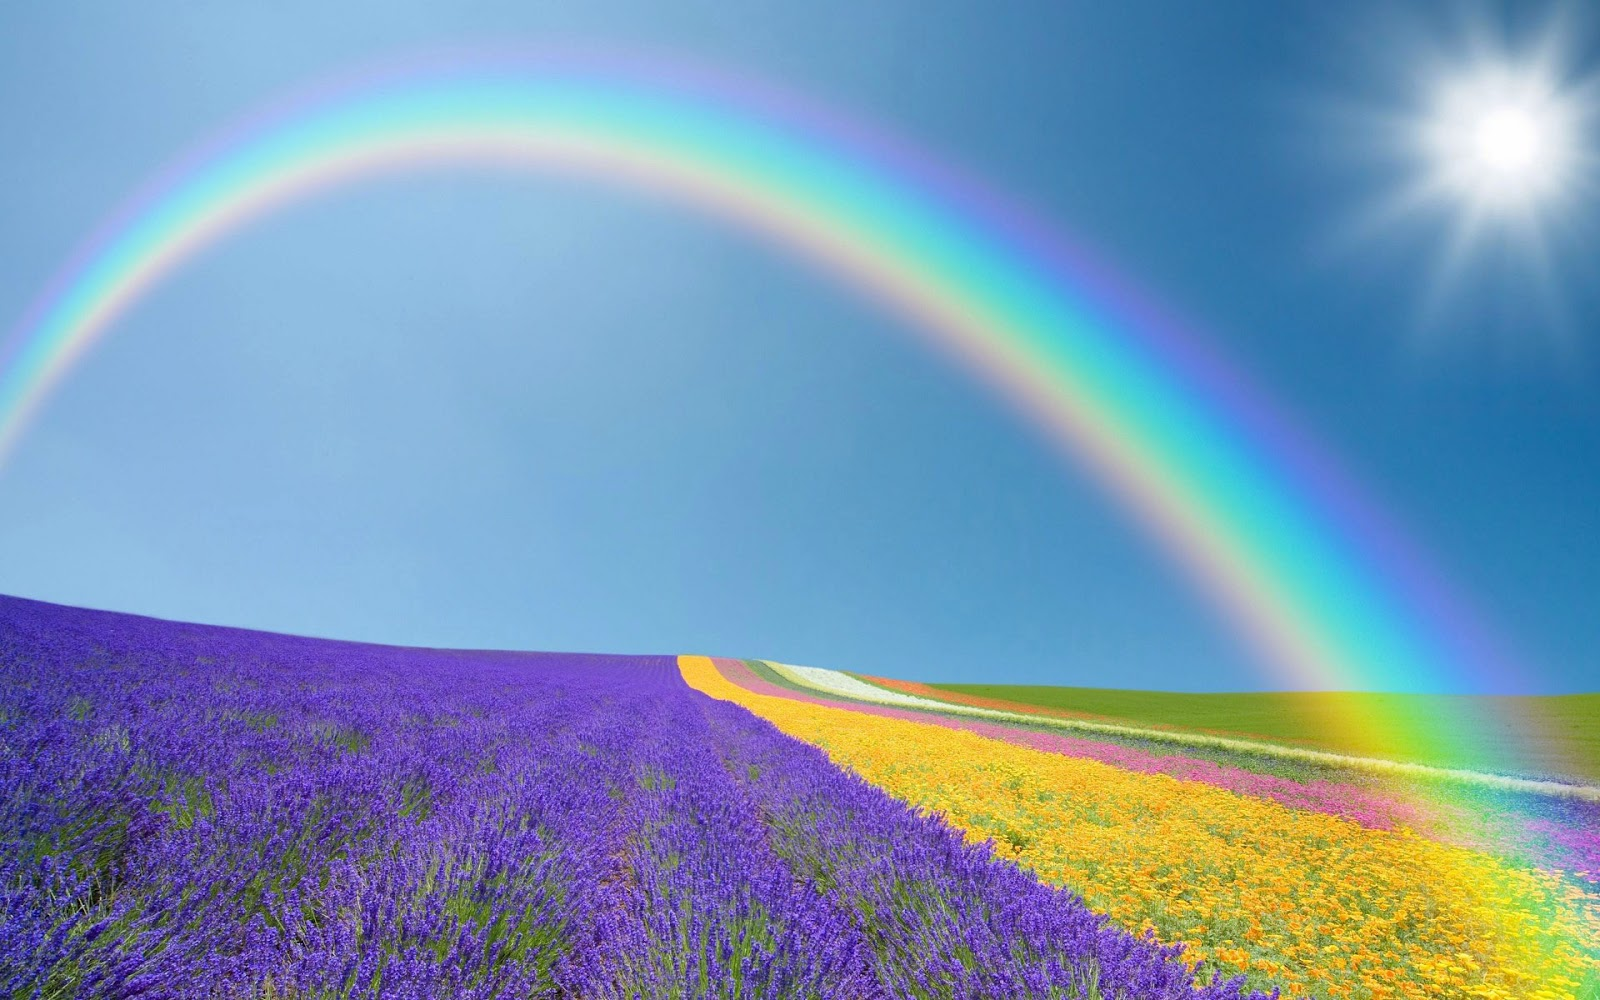 Foto met veld vol bloemen met regenboog en zon